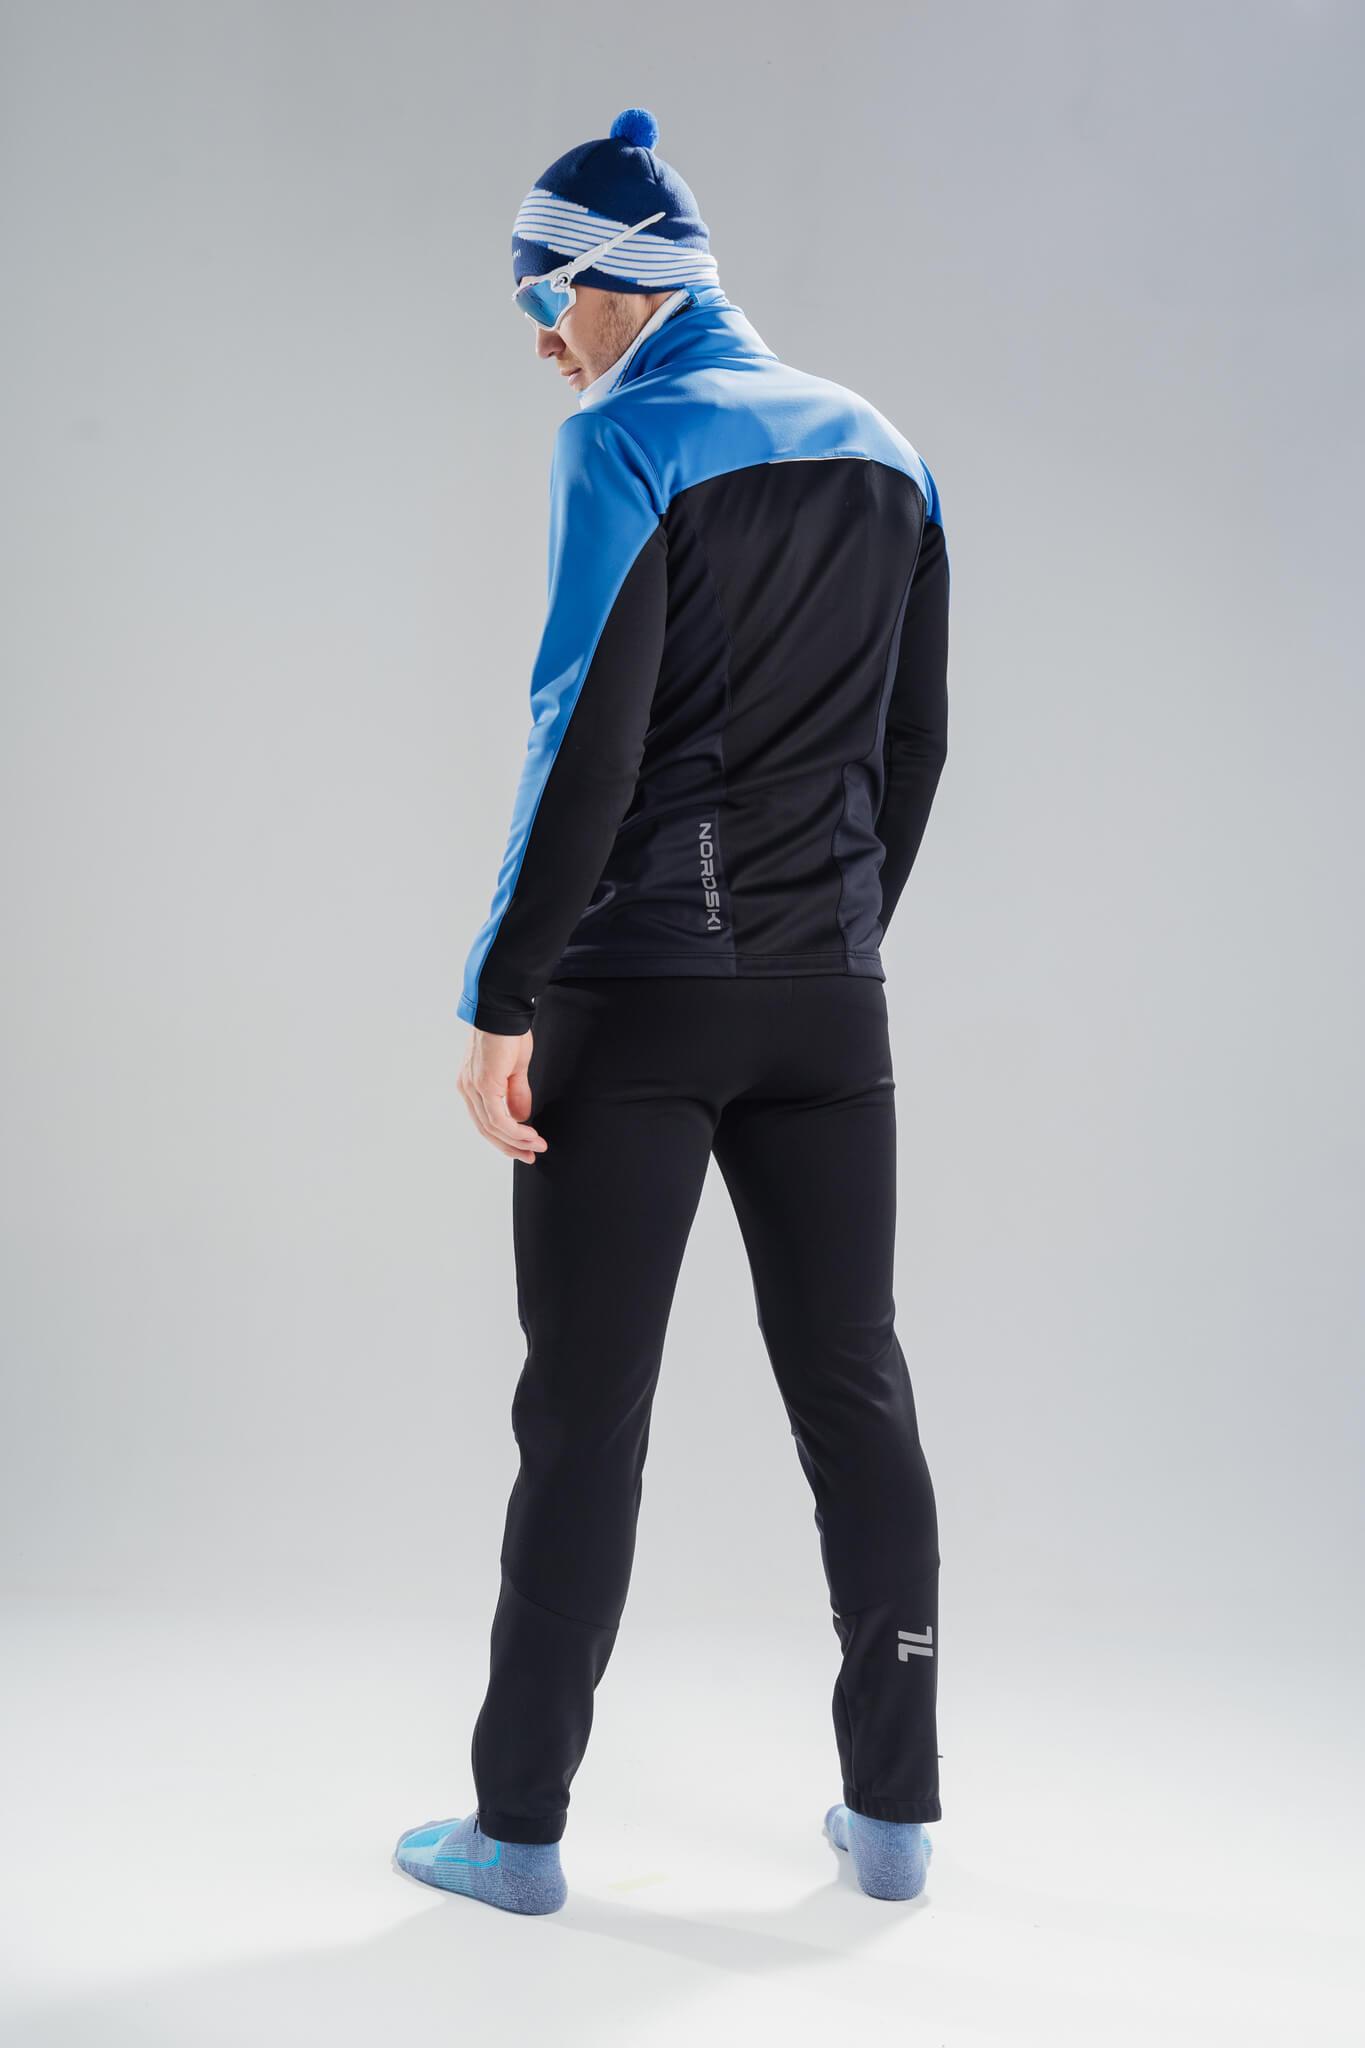 Nordski Jr Active лыжный костюм детский blue-black - 3